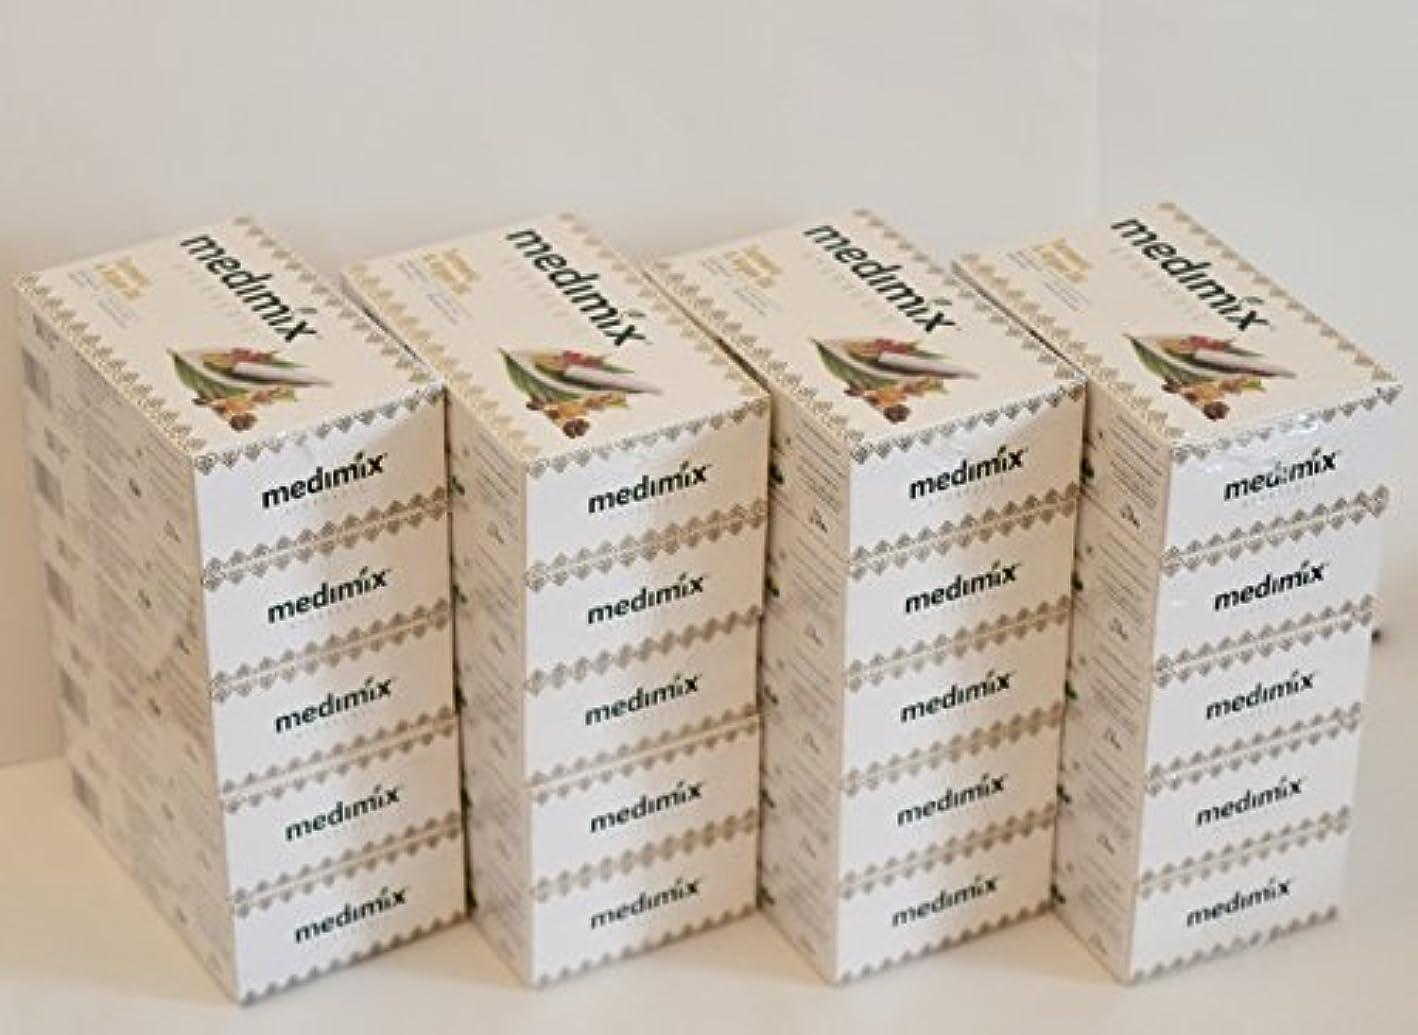 気を散らすホース雨MEDIMIX メディミックス アーユルヴェーダ ターメリック アンド アルガン石鹸(medimix AYURVEDA Turmeric & Argan) 125g 20個入り